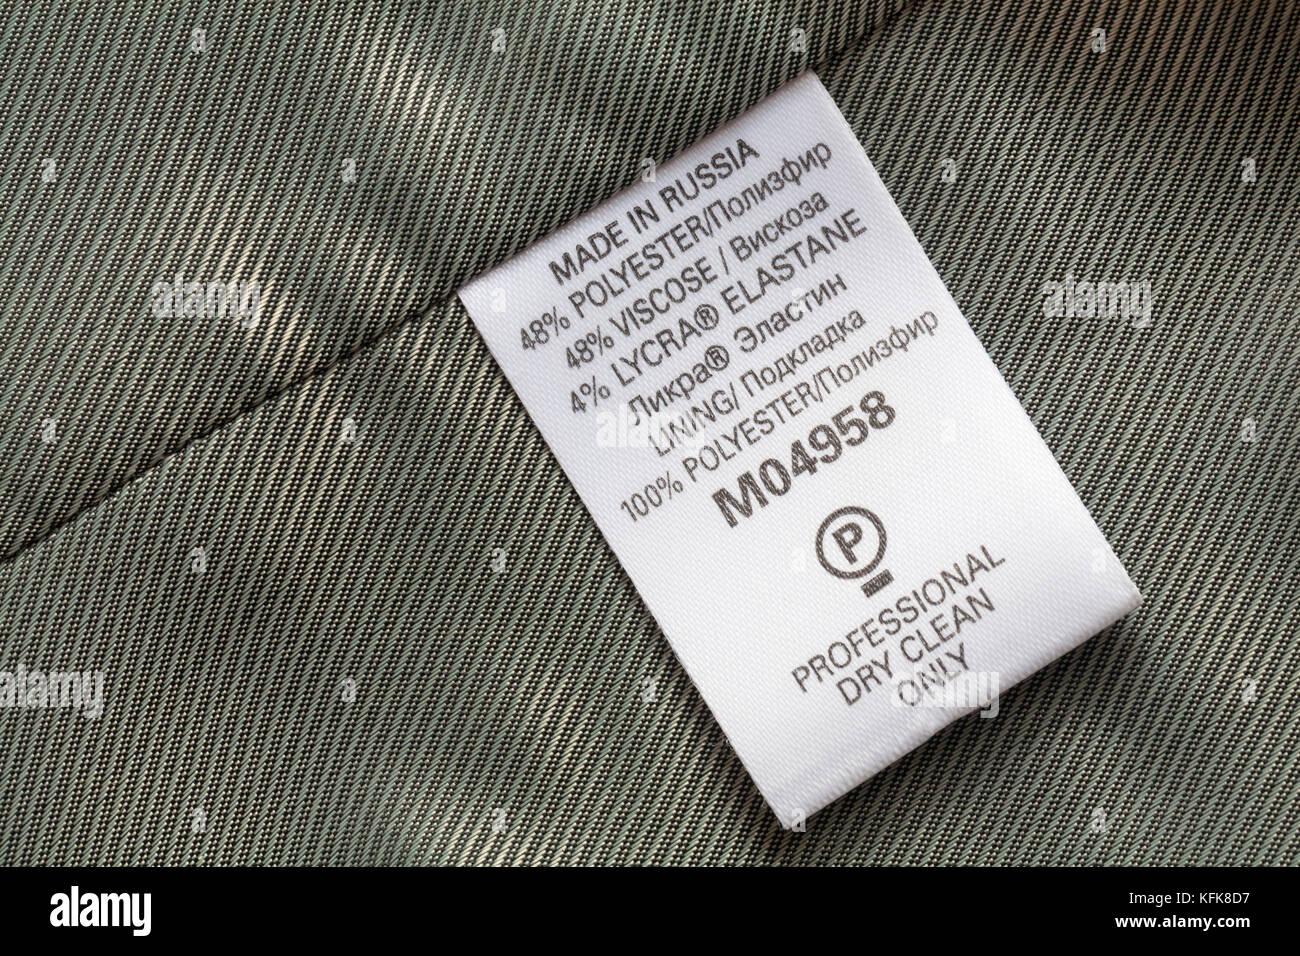 Jacket Clothing Symbols Washing Care Instructions Lining